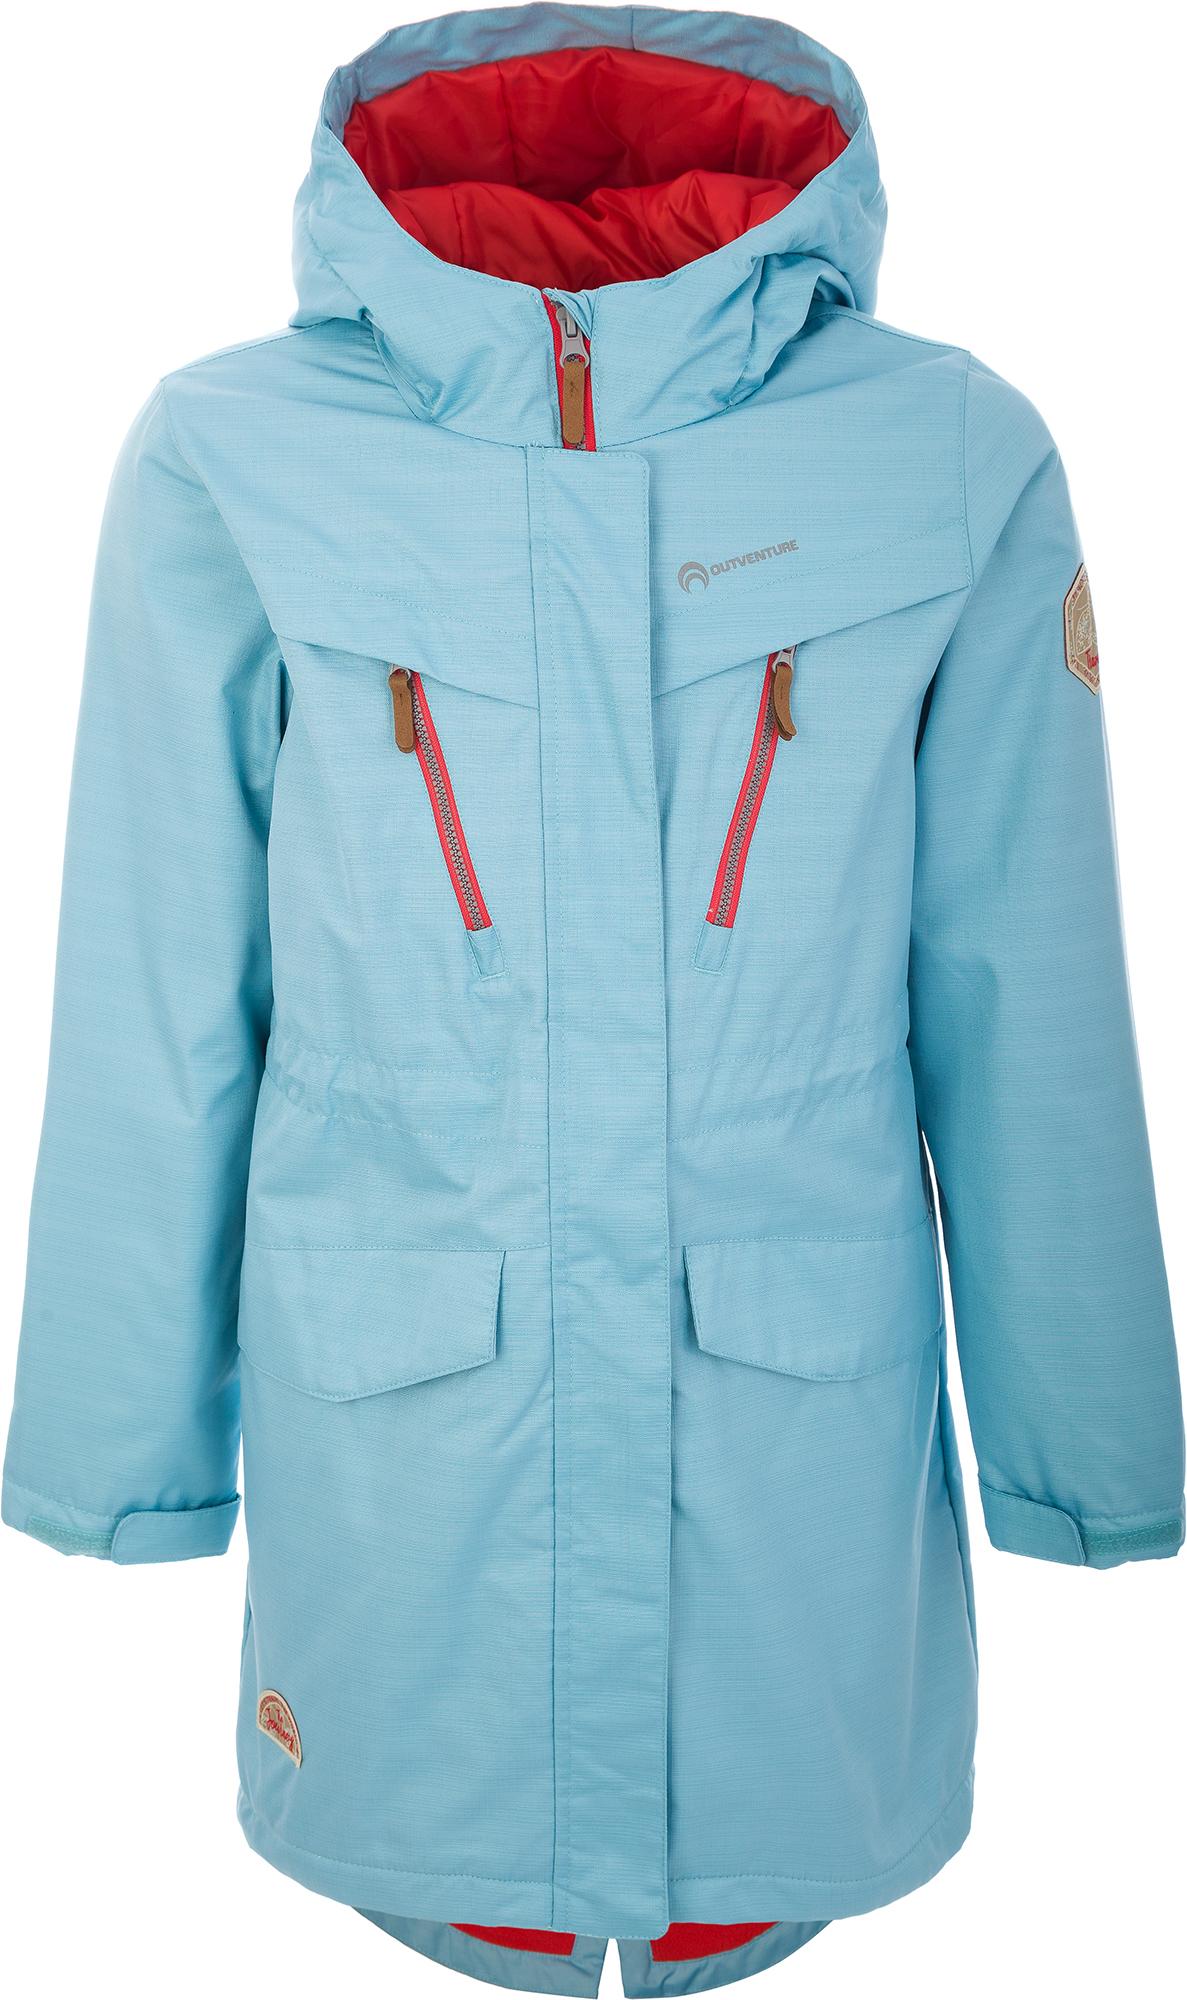 Outventure Куртка для девочек Outventure, размер 158